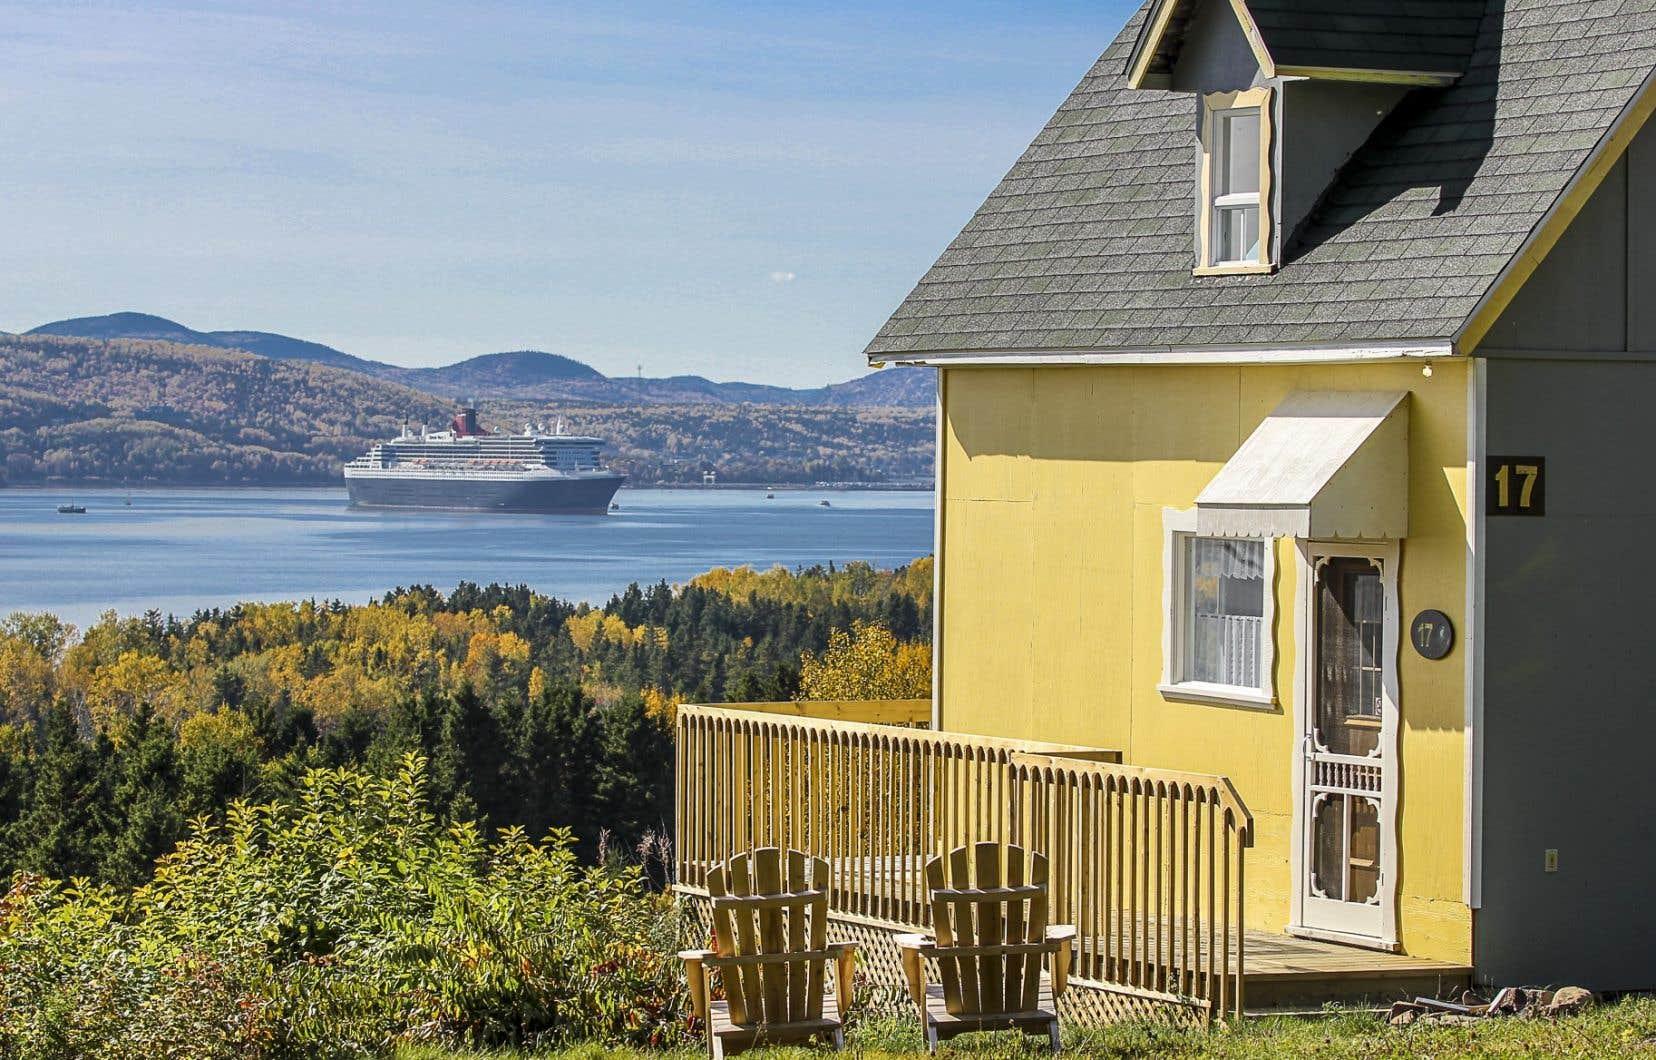 Depuis 2004, RSVPchalets loue aux Québécois des propriétés pour les vacances, surtout dans l'est du Canada (dont la région de la Gaspésie en photo).